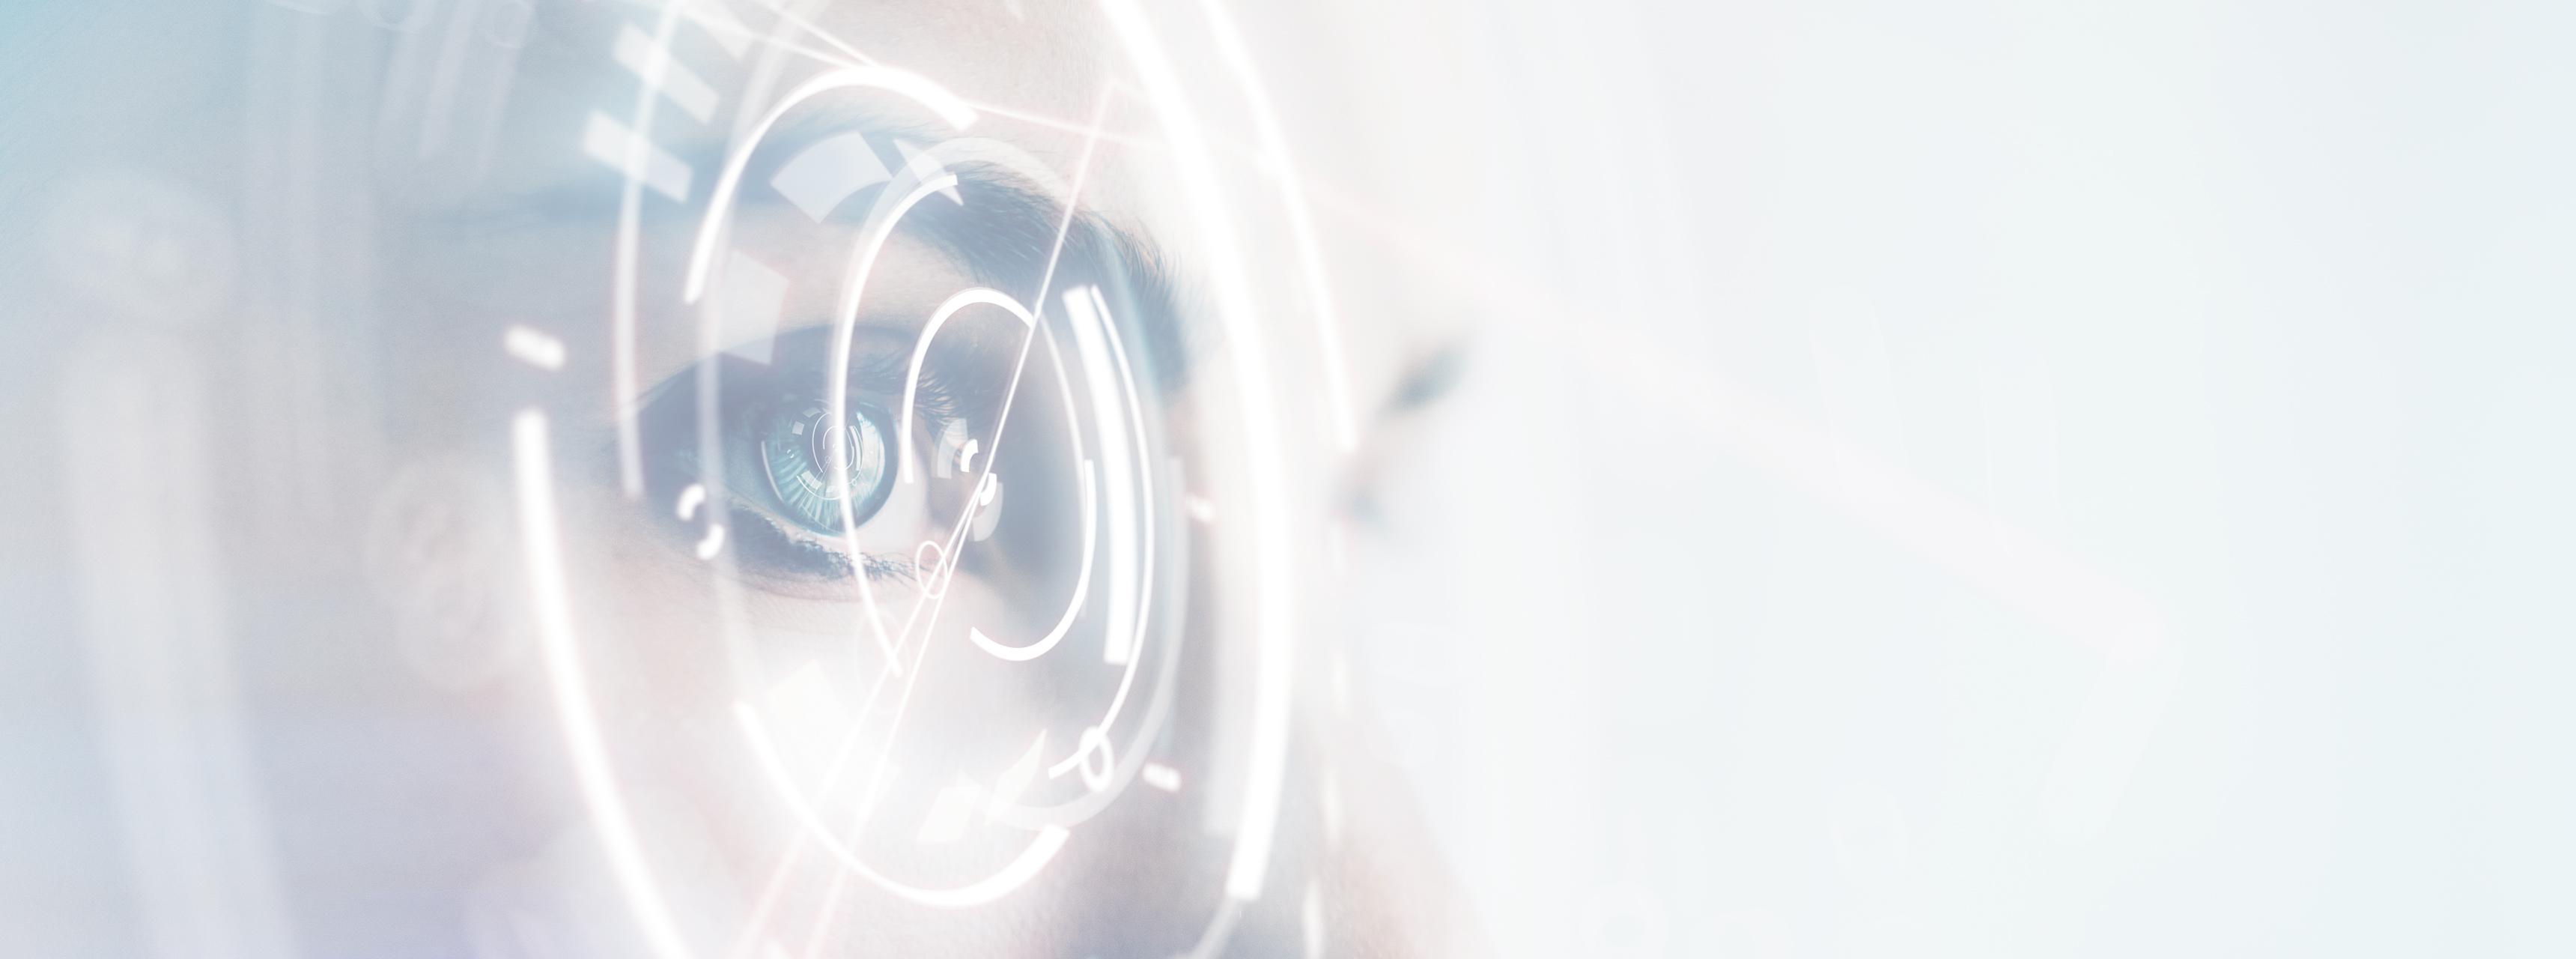 látásdiagnosztika az optikai szalonban